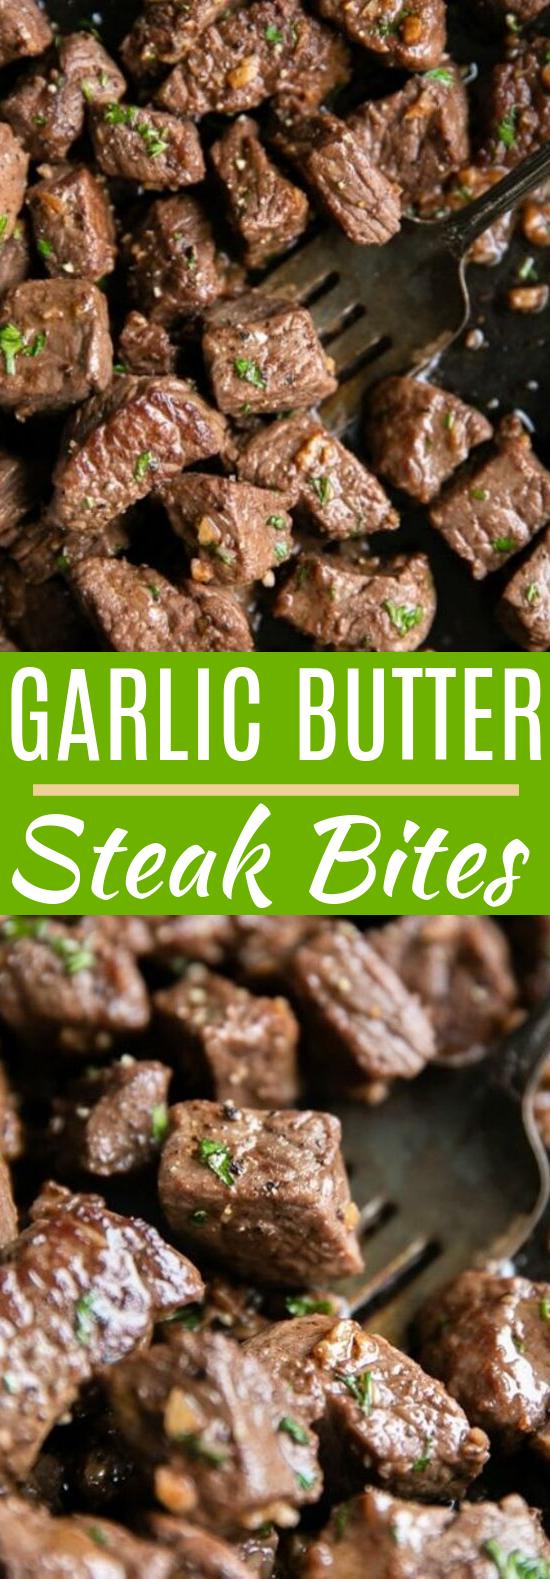 Garlic Butter Steak Bites #dinner #easy